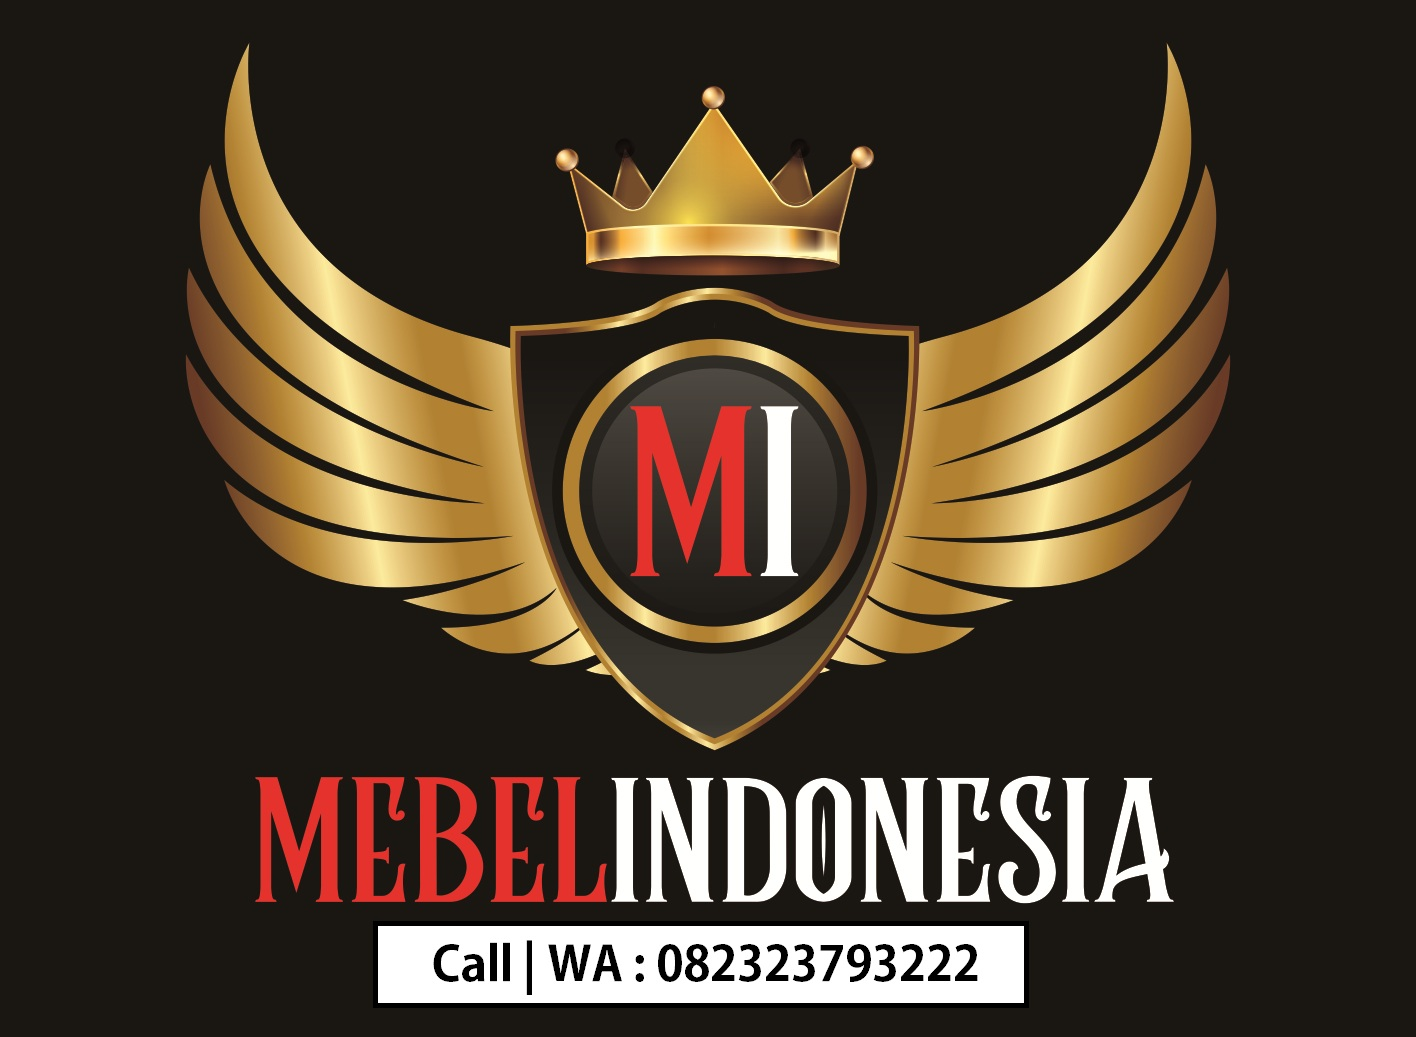 Mebelindonesia.co.id